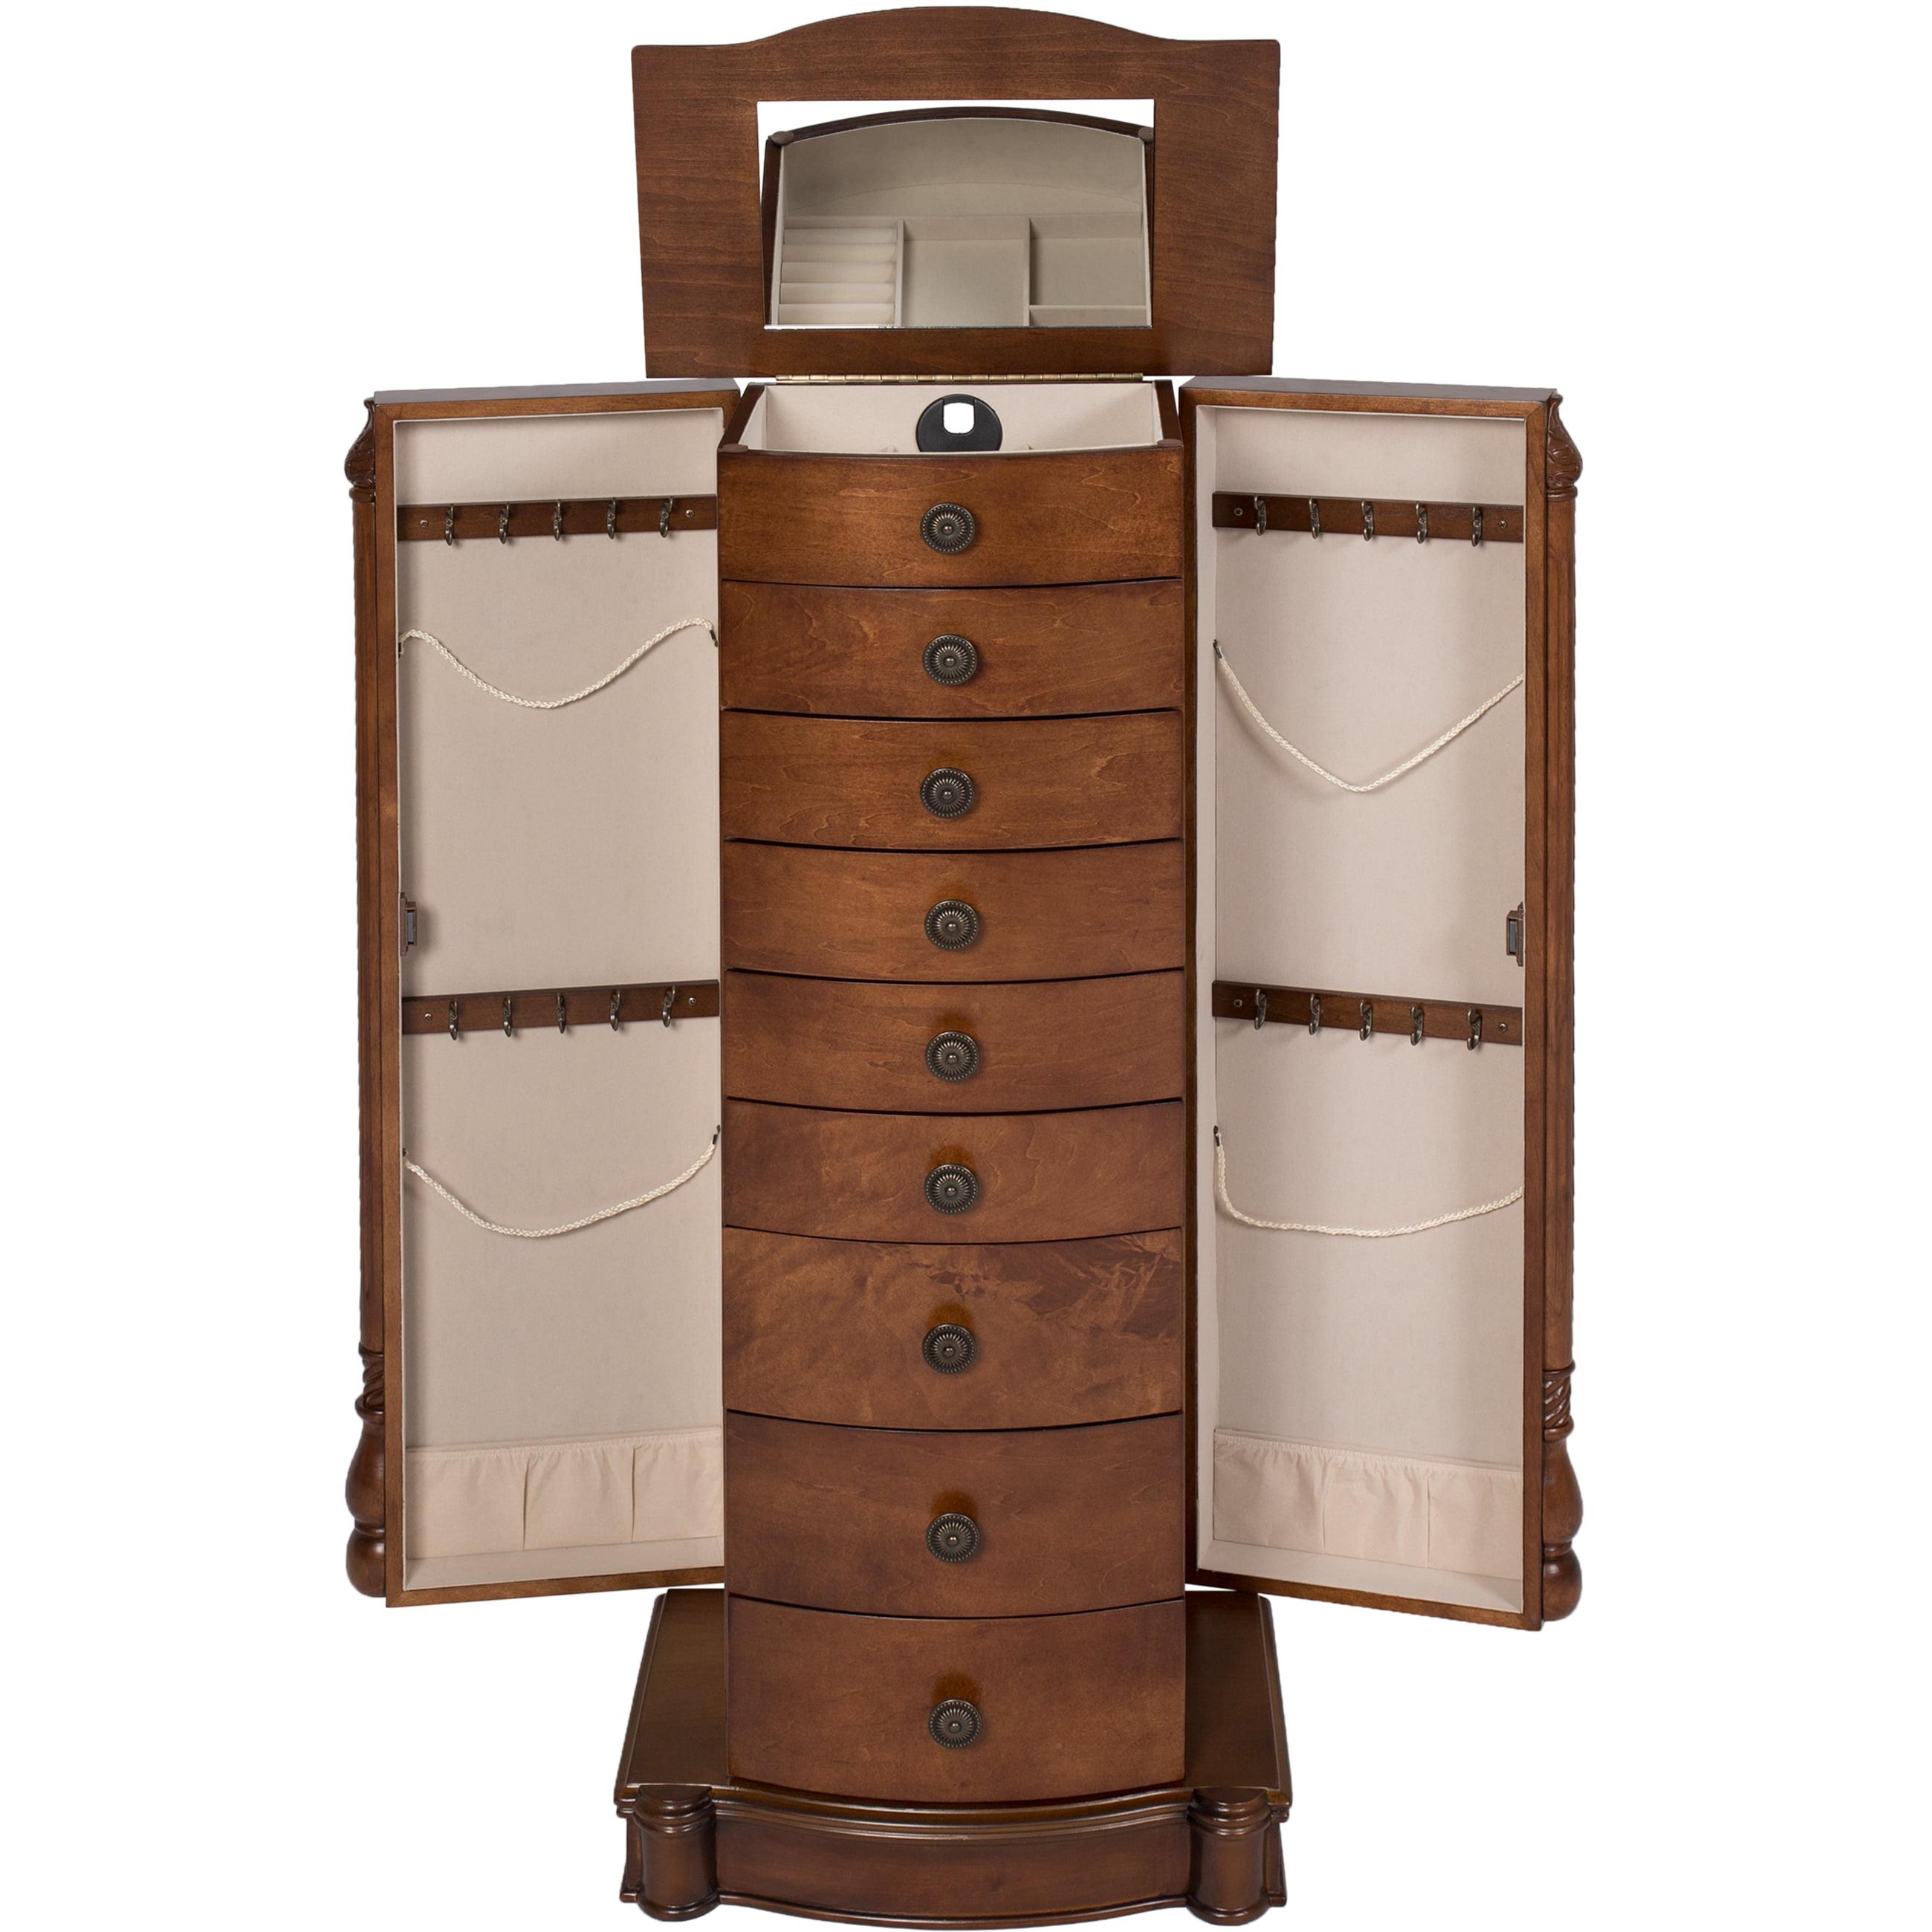 Armoire Jewelry Cabinet Box Storage Chest Stand Organizer Necklace Wood Walnut - Walmart.com  sc 1 st  Walmart & Armoire Jewelry Cabinet Box Storage Chest Stand Organizer Necklace ...